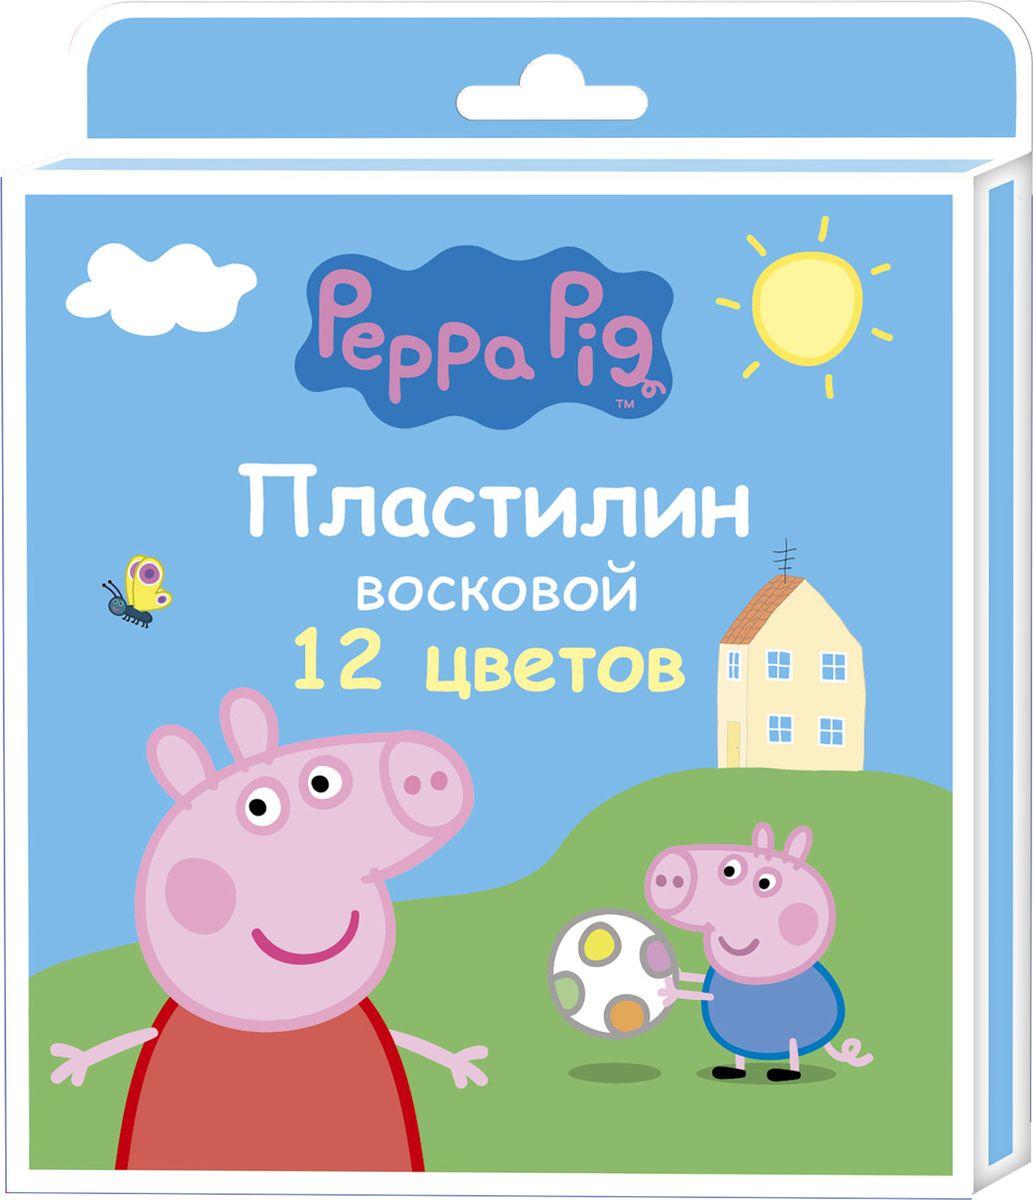 Peppa Pig Пластилин восковой Свинка Пеппа 12 цветовPP-301Яркий восковый пластилин Свинка Пеппа поможет вашему малышу создавать не только прекрасные поделки, но и рисунки. Изготовленный на основе природного воска и натуральных наполнителей, он обладает особой мягкостью и пластичностью: легко разминается и моделируется детскими пальчиками, не пачкается, не прилипает к рукам и рабочей поверхности, не крошится, не высыхает, хорошо держит форму, его цвета легко смешиваются друг с другом. Создавайте новые цвета и оттенки, лепите, рисуйте и экспериментируйте, развивая при этом у ребенка мелкую моторику, тактильное восприятие формы, веса и фактуры, воображение и пространственное мышление. А любимые герои будут вдохновлять юного мастера на новые творческие идеи. В наборе Свинка Пеппа 12 ярких цветов воскового пластилина по 15 г и пластиковая стека. Состав: парафин, петролатум, мел, каолин, красители.